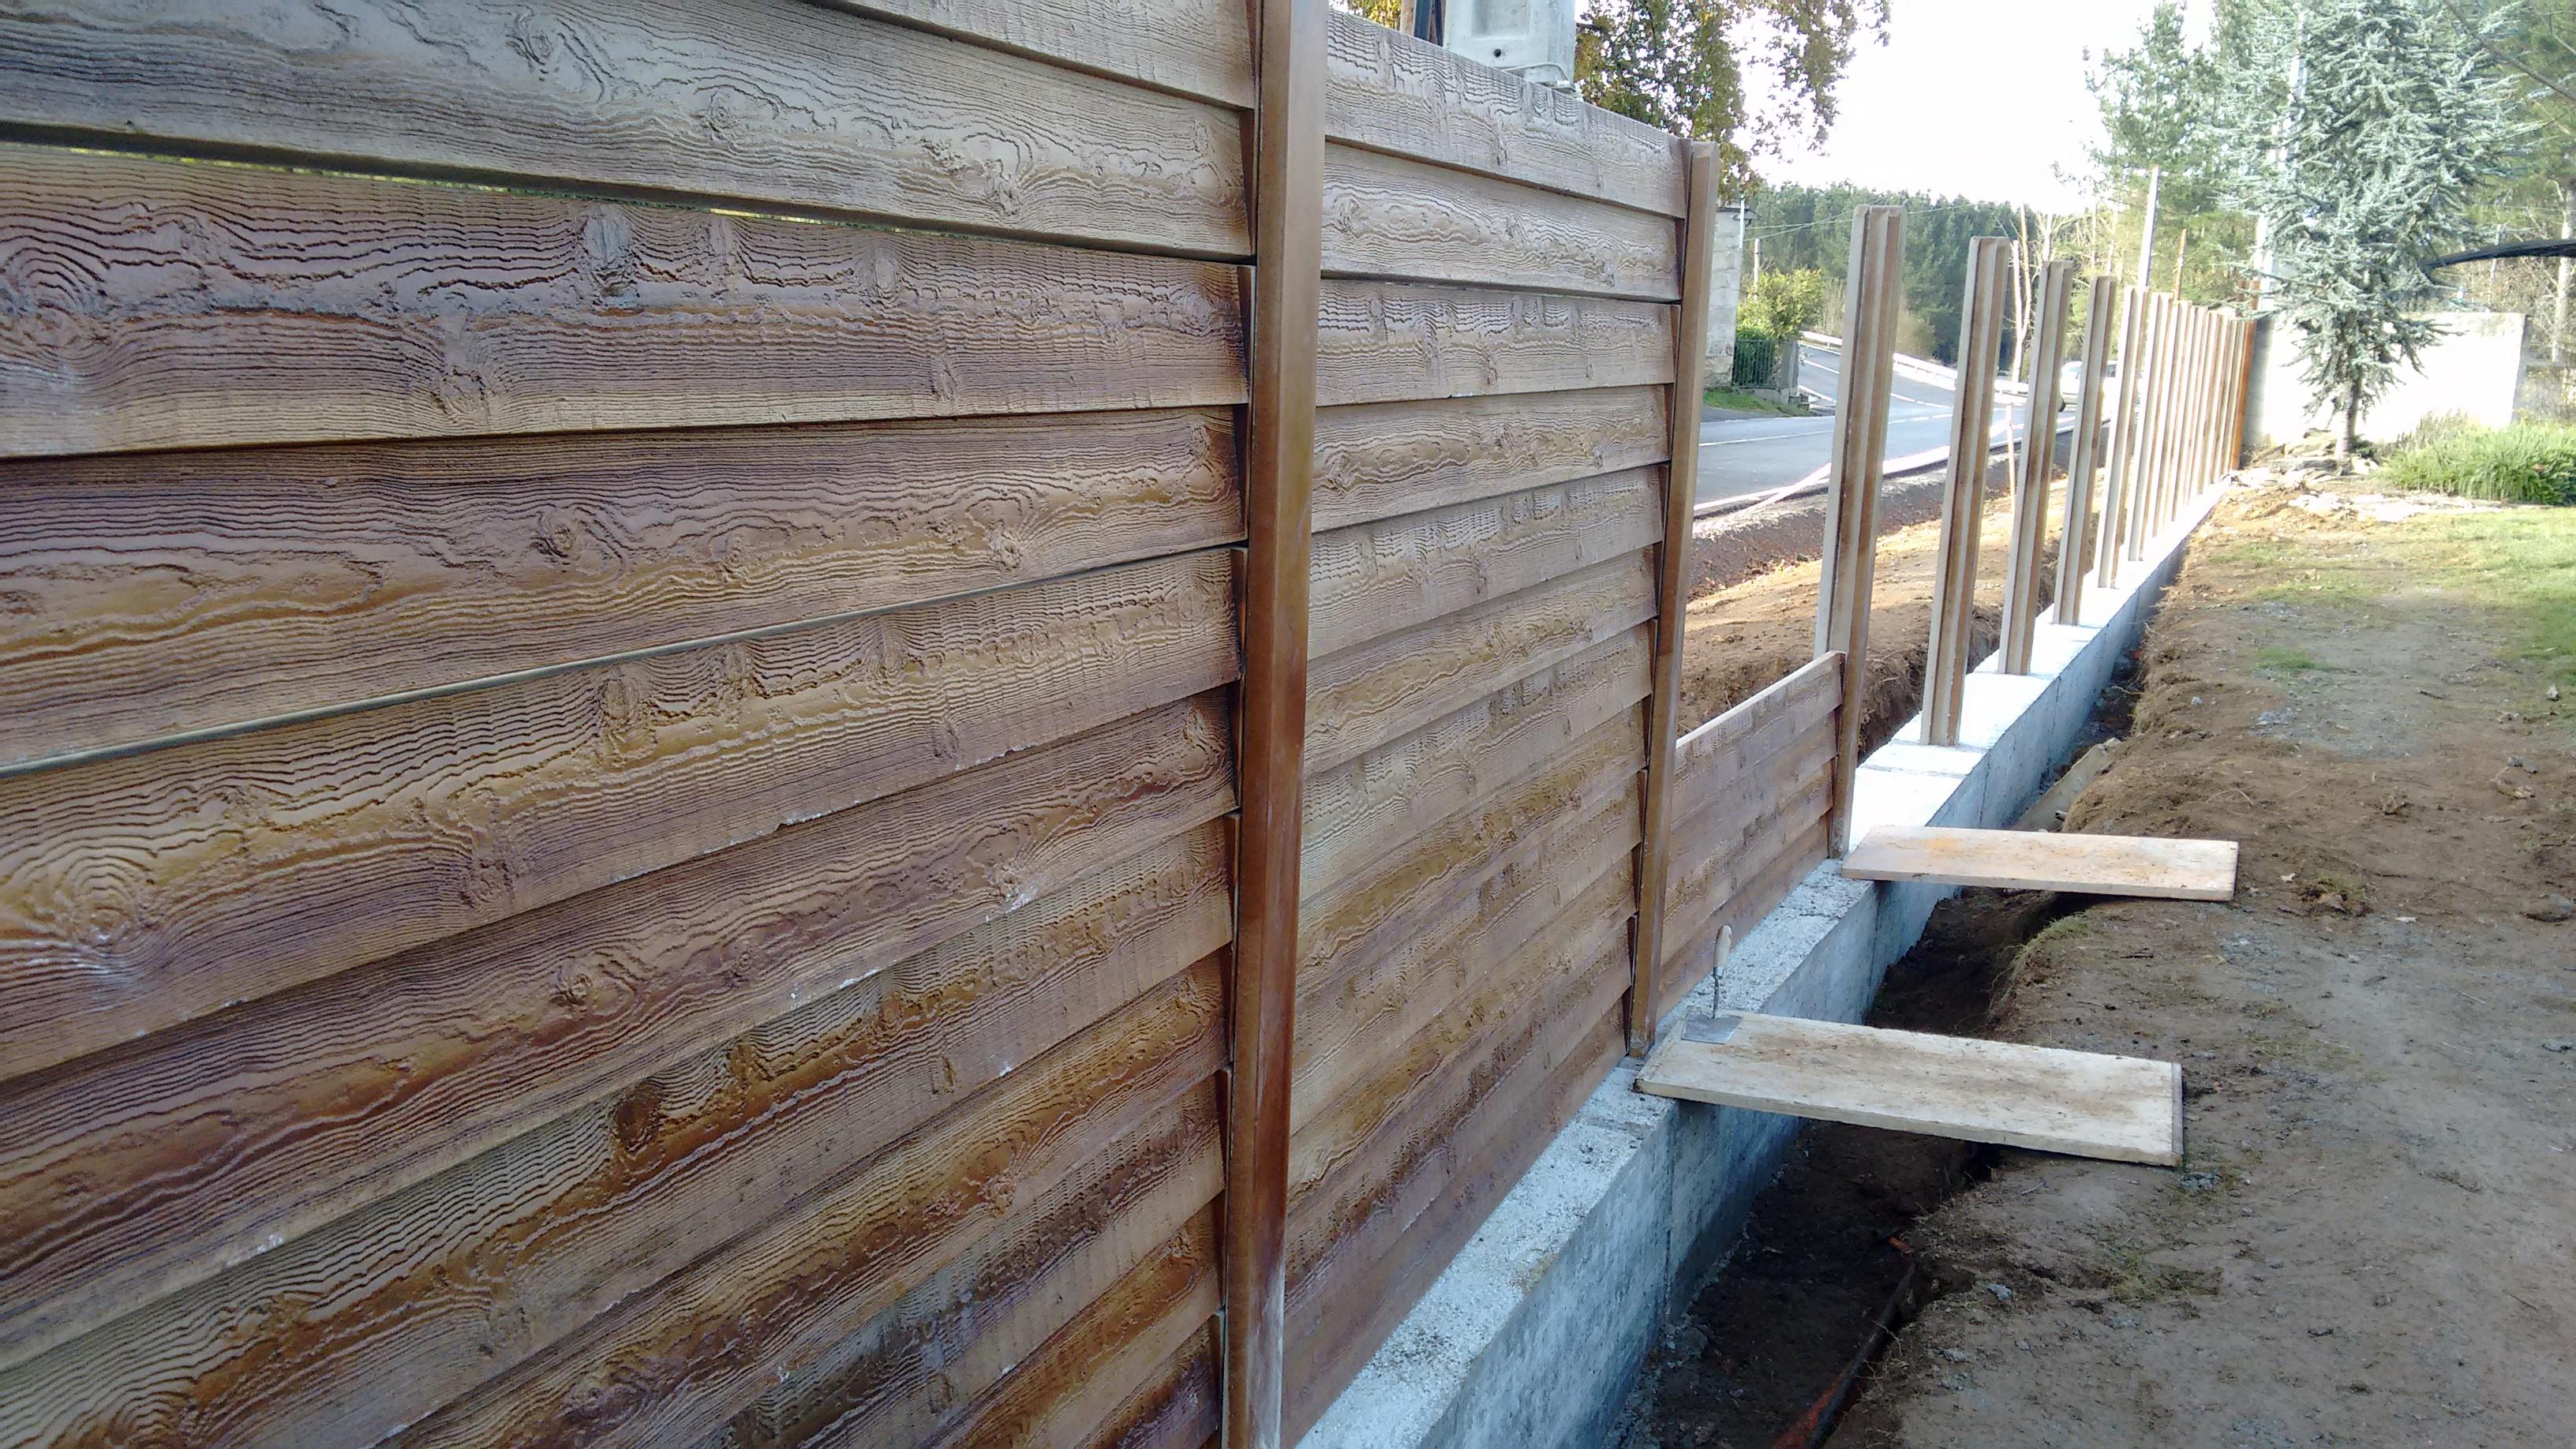 Cierres prefabricados de hormigon materiales para la - Cierres de madera ...